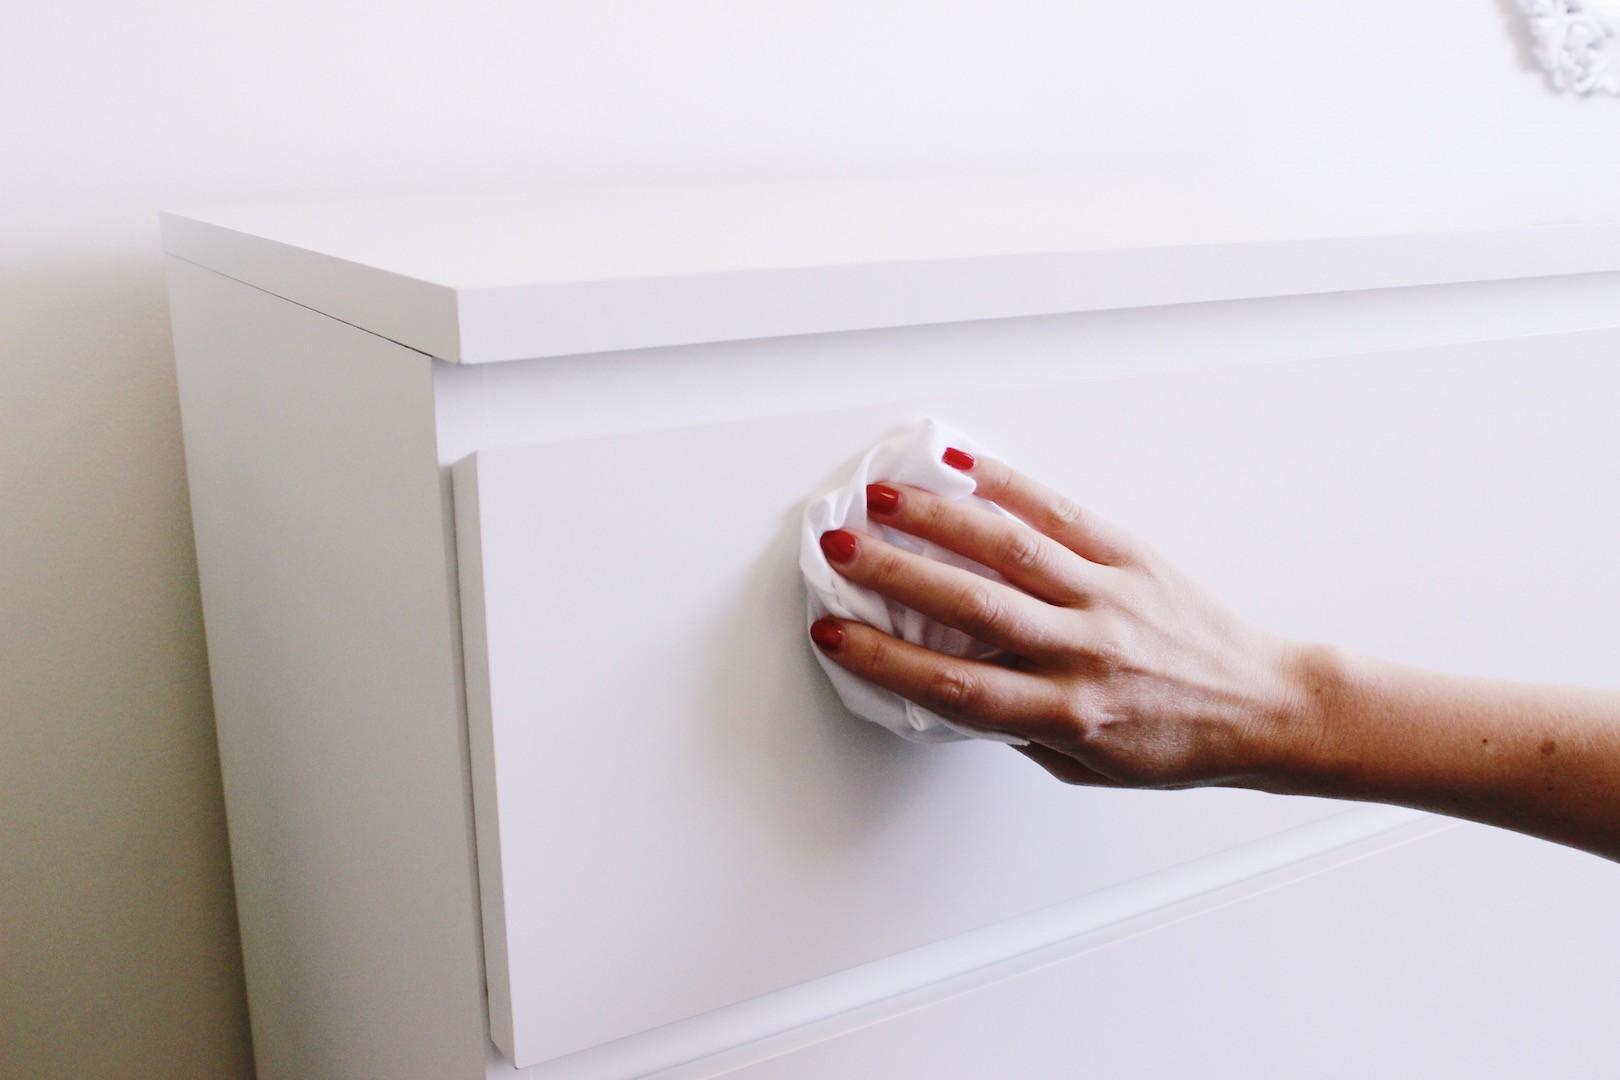 Ikea Dresser Hack DIY Project | Wipe Down Dresser